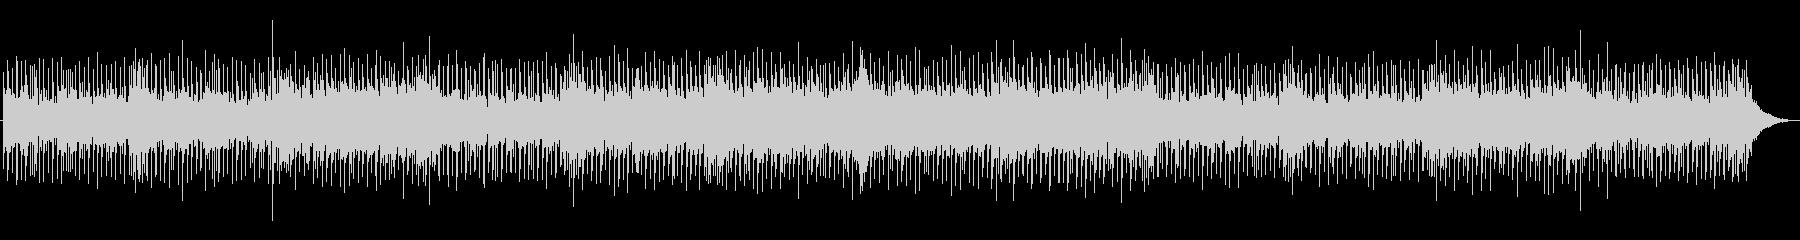 真向カントリーロックの未再生の波形